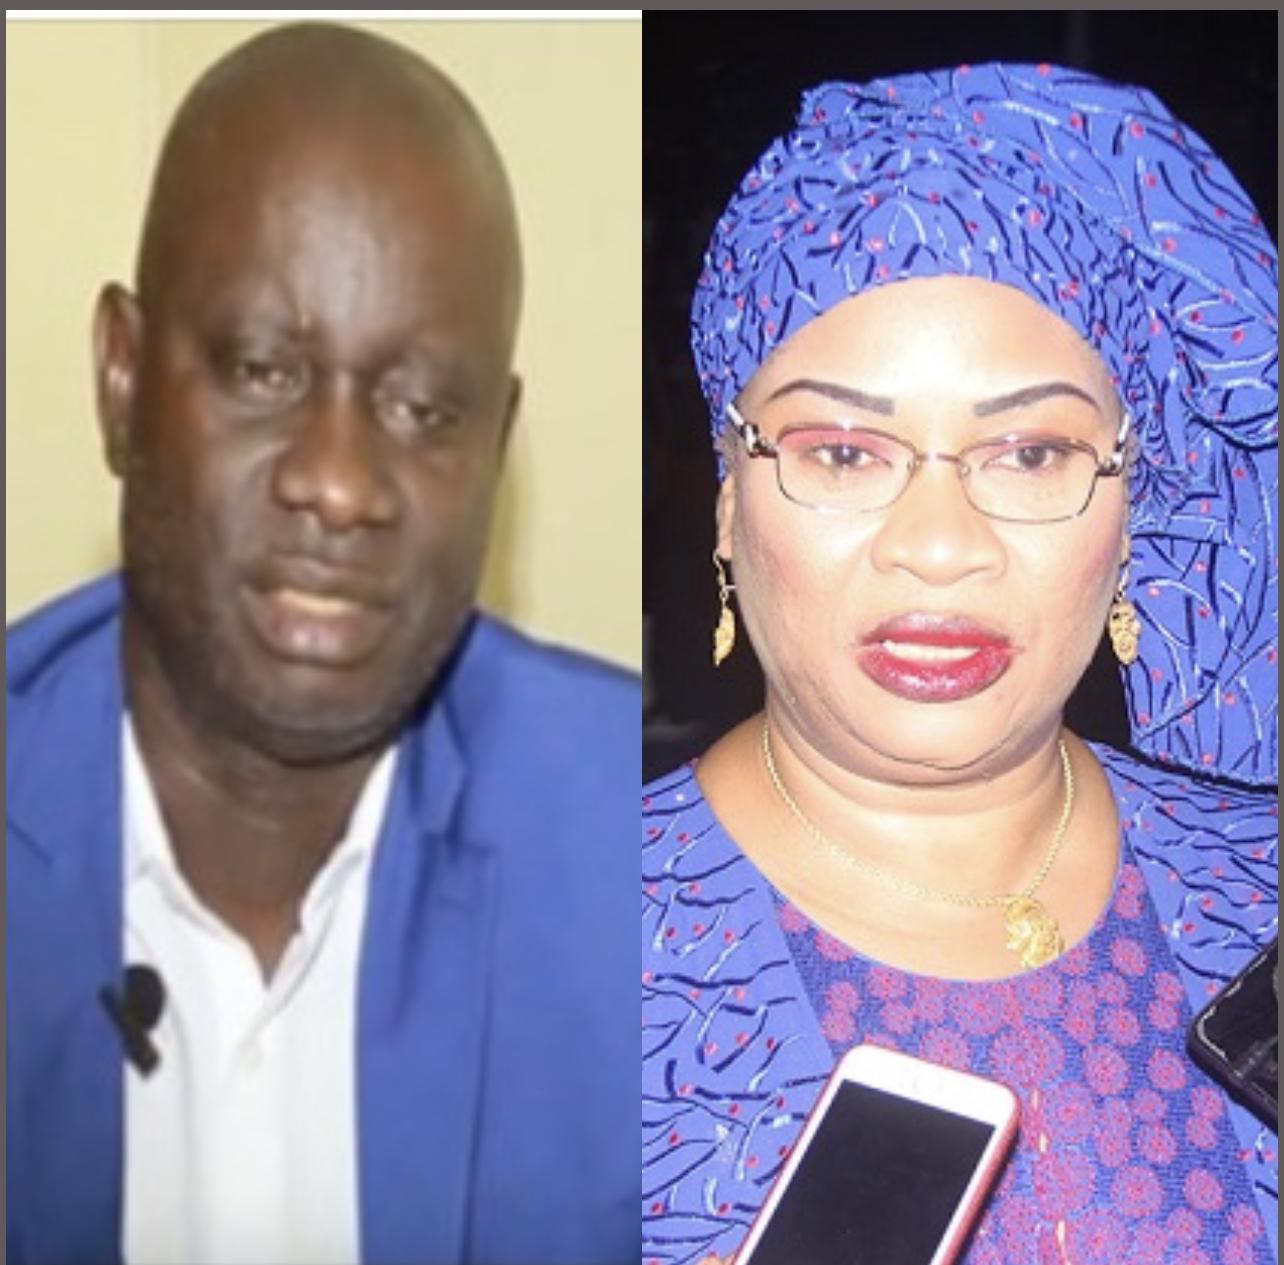 Contentieux entre Aïssatou Seydi et Diop Iseg : Retour sur une relation de confiance qui a atterri devant la justice.